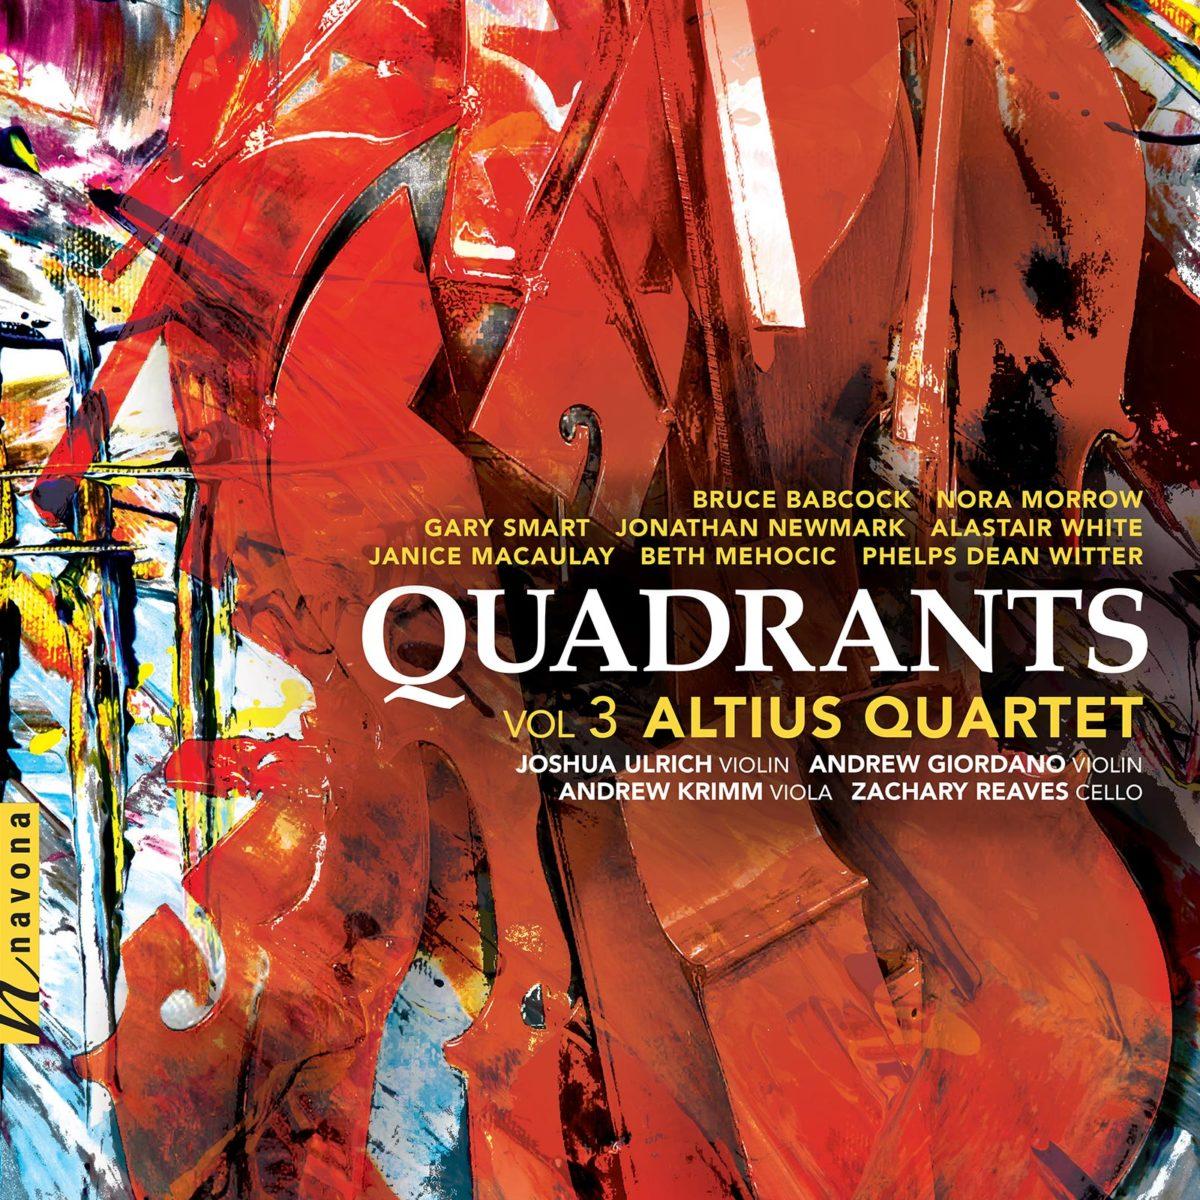 Quadrants Vol 3